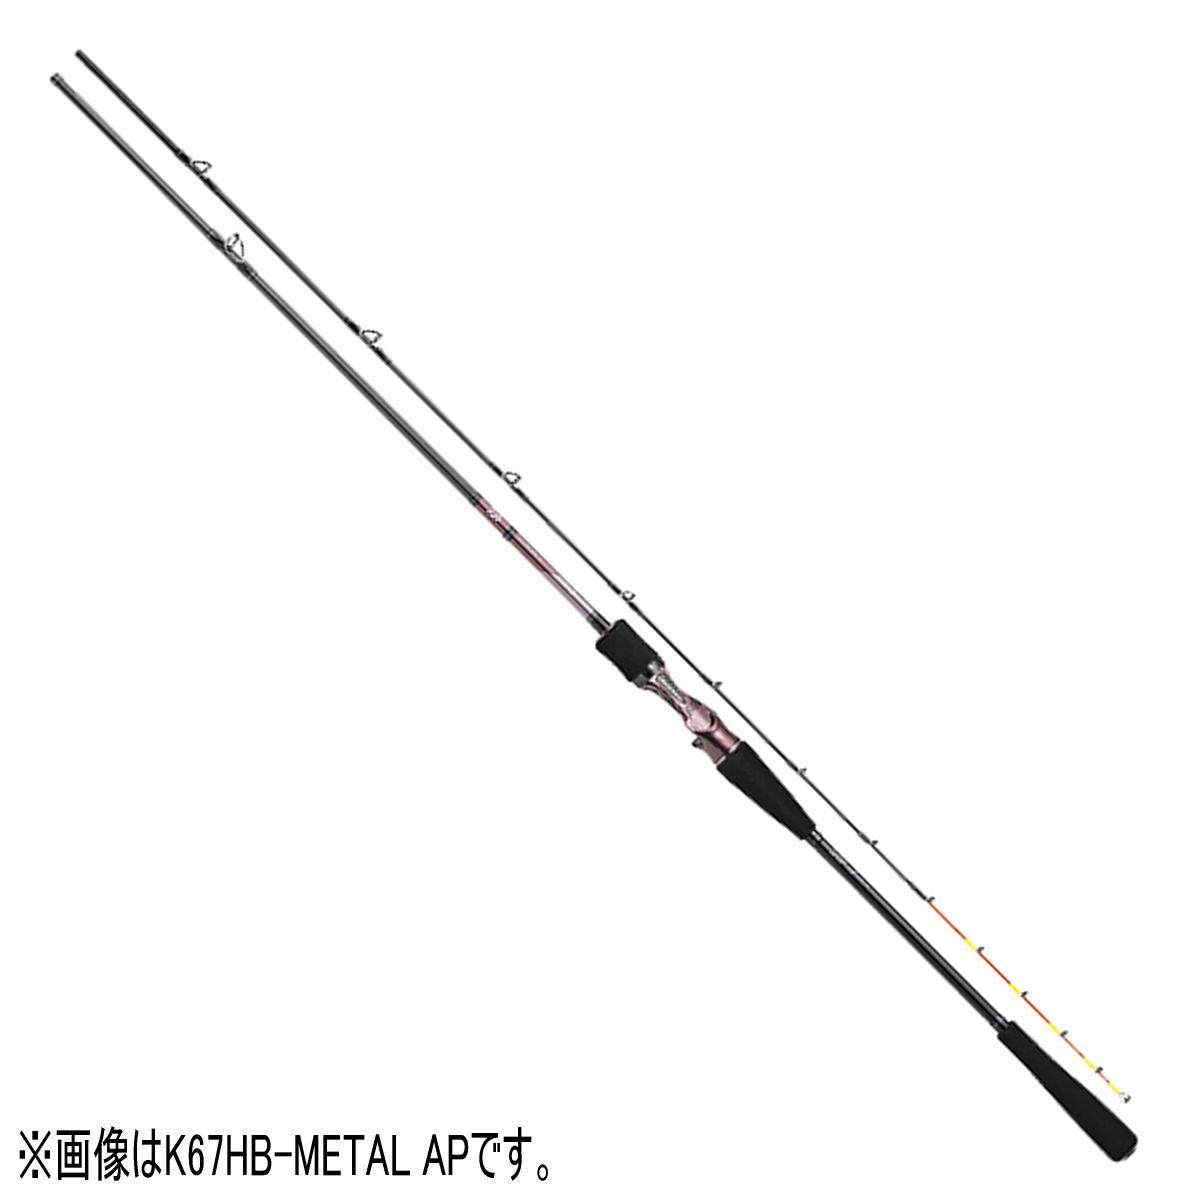 【送料無料5】ダイワ ロッド '19 紅牙 MX エアポータブル K67HB-METAL AP